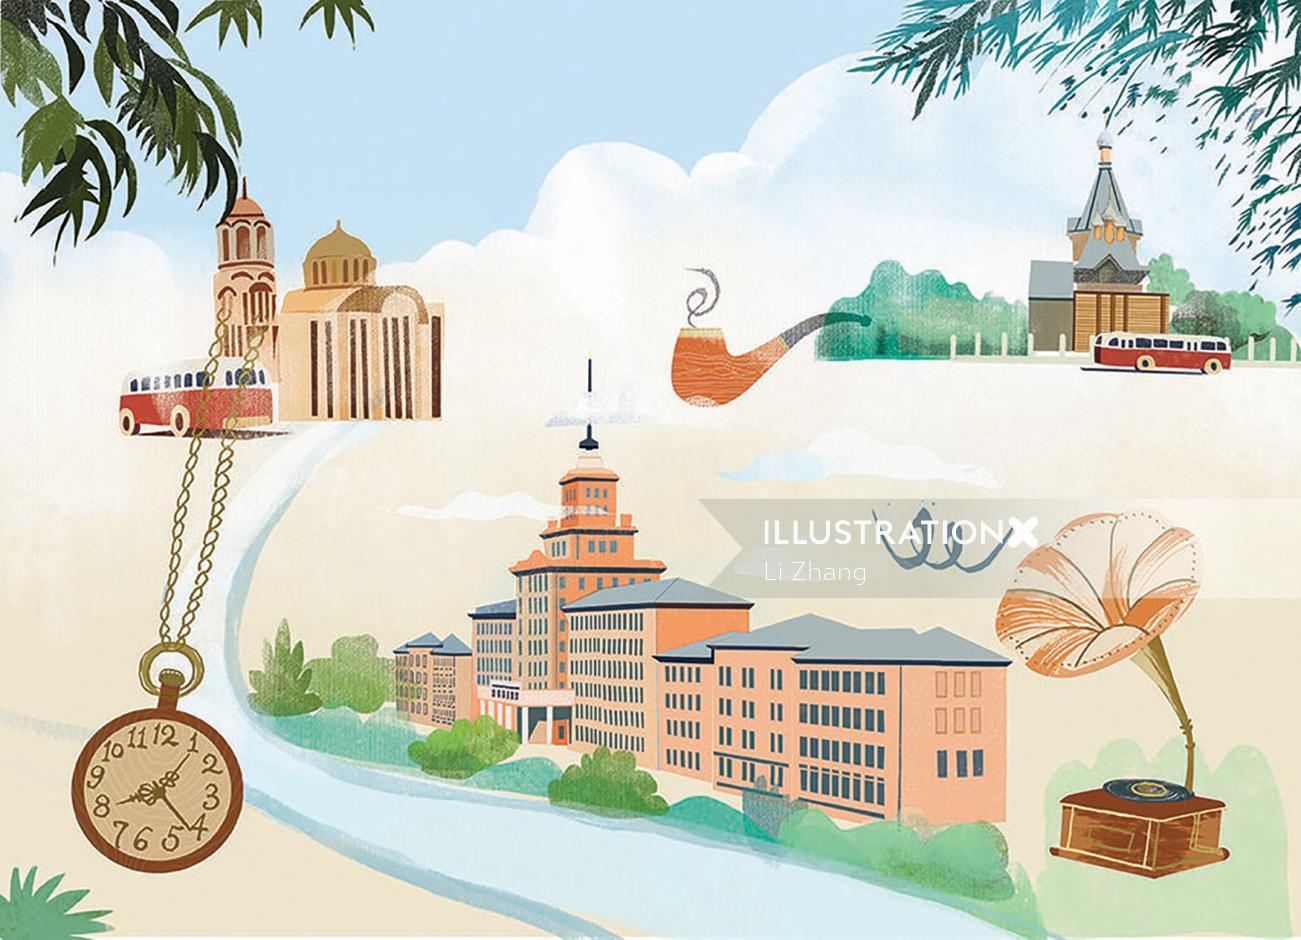 Retro art of 50s-60s of Harbin Institute of Technology